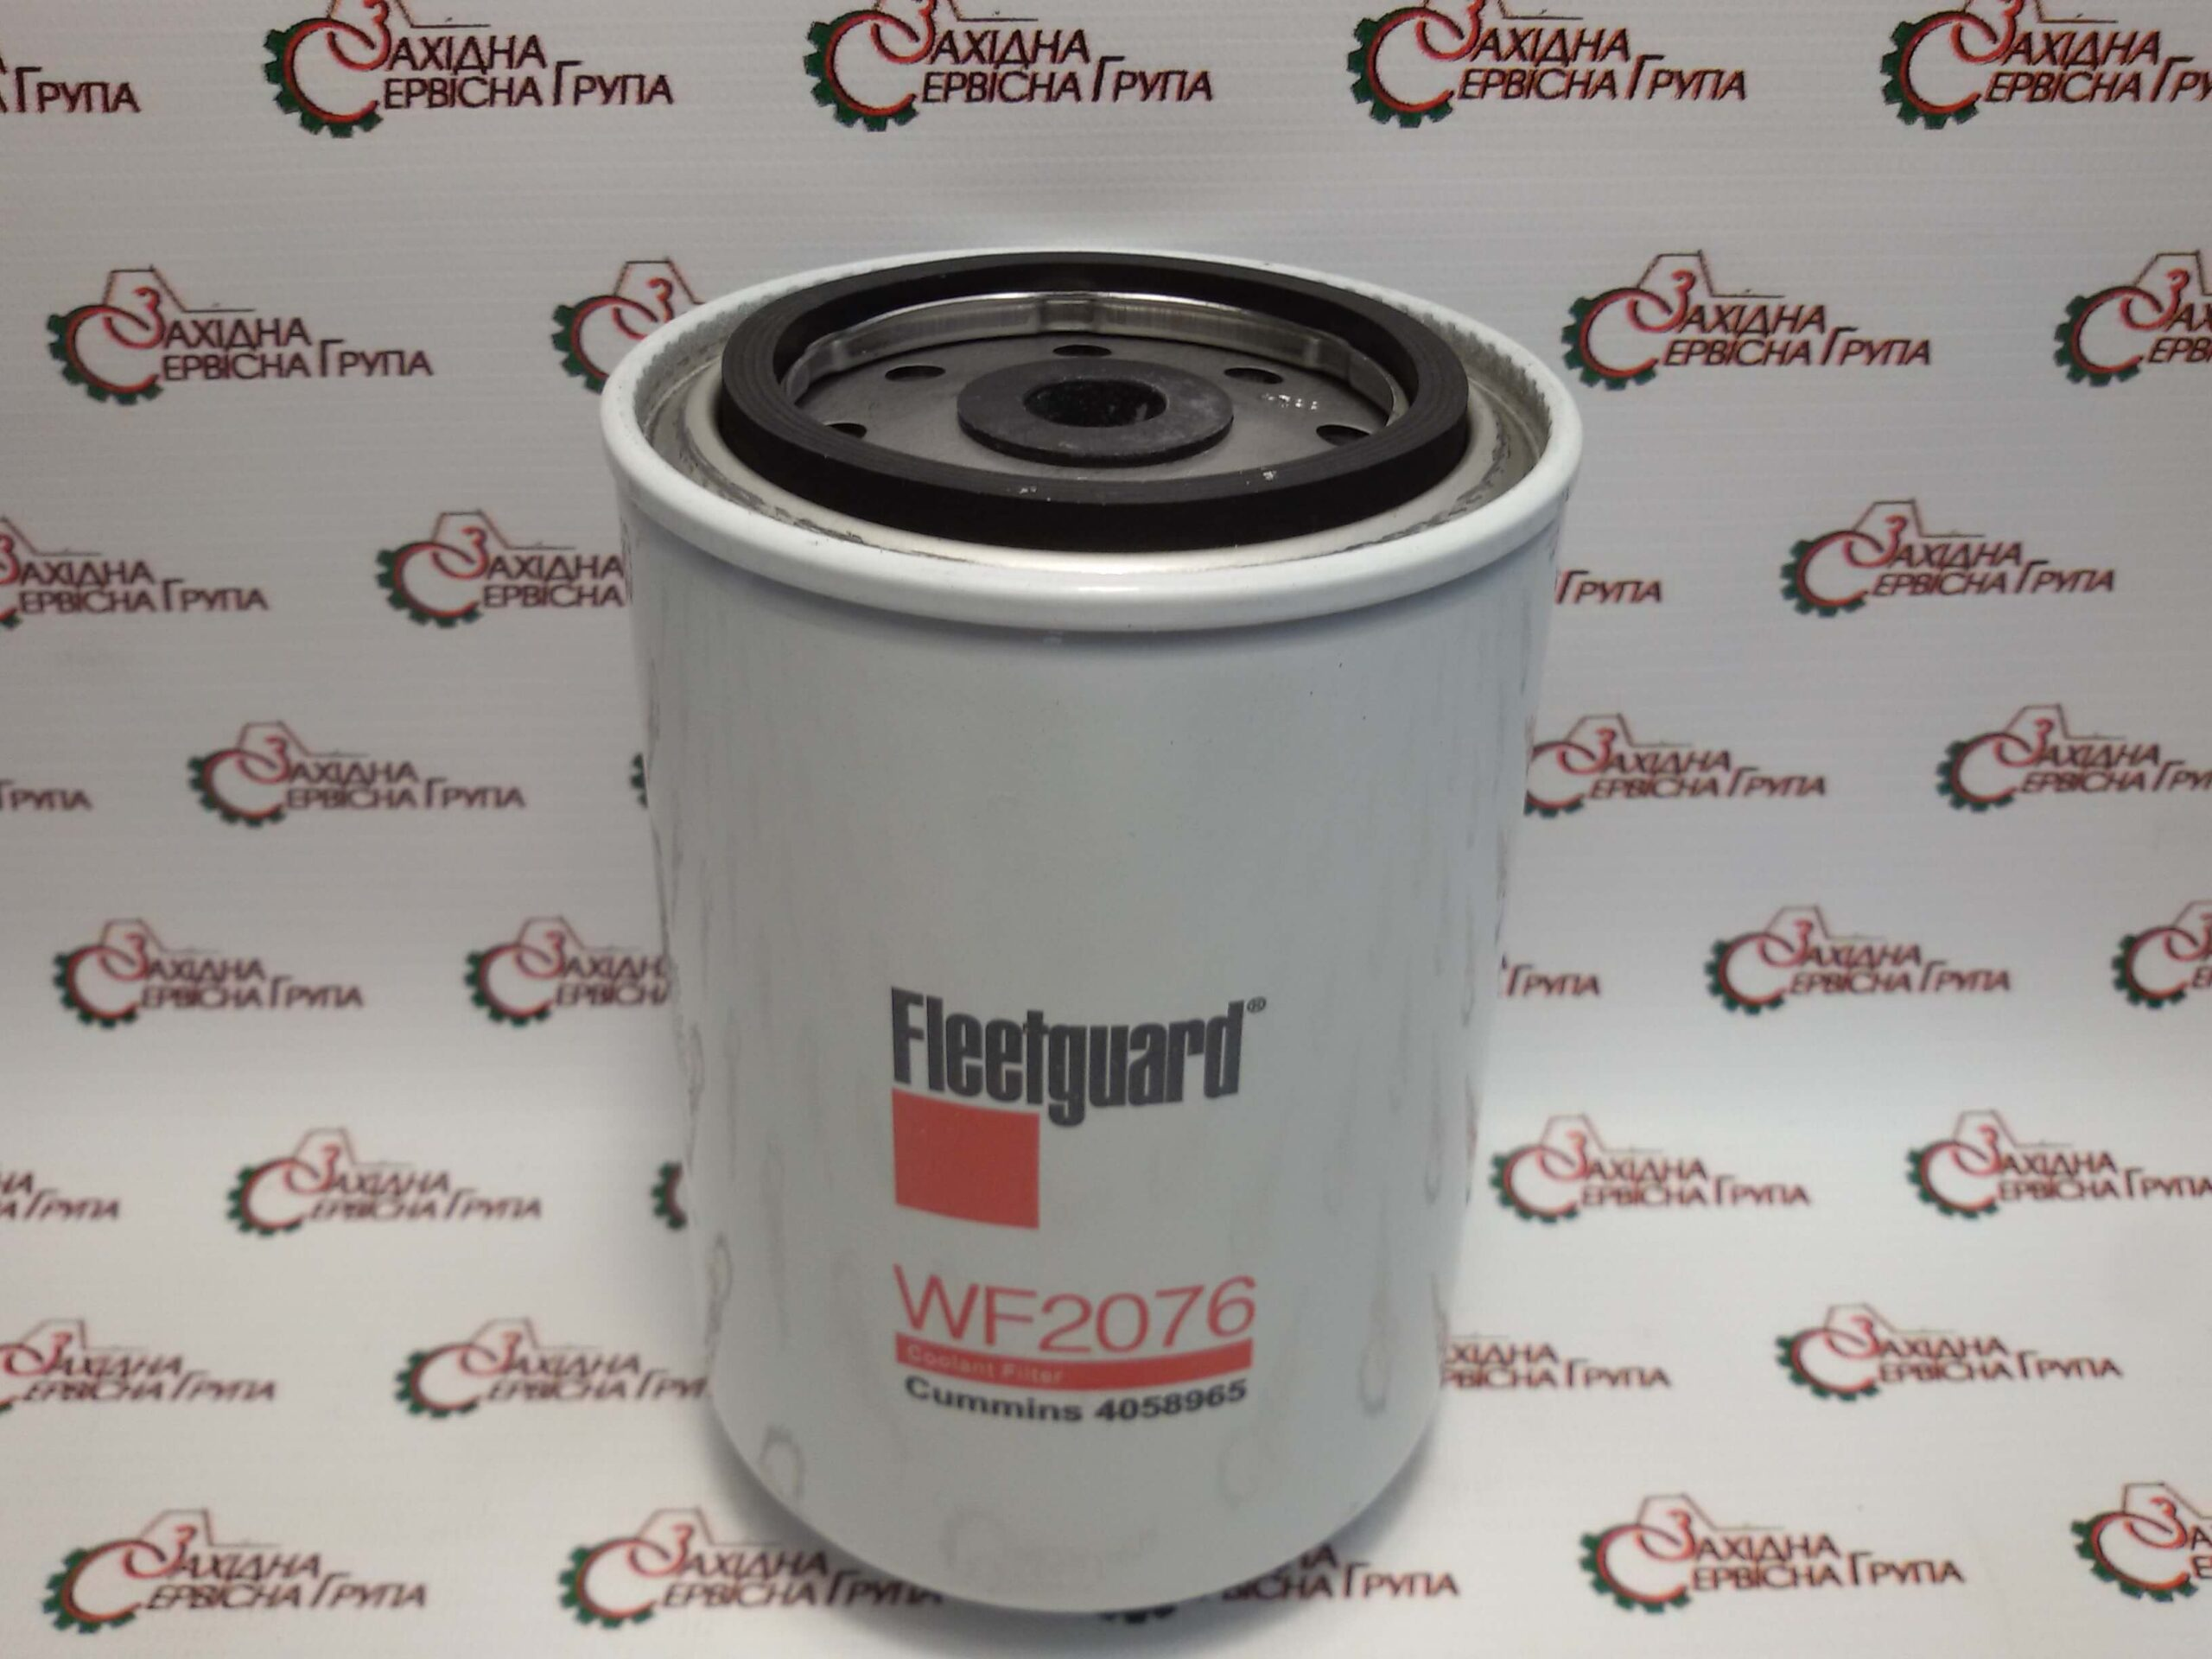 Фильтр охлаждающей жидкости Cummins Fleetguard WF2076, 4058965.